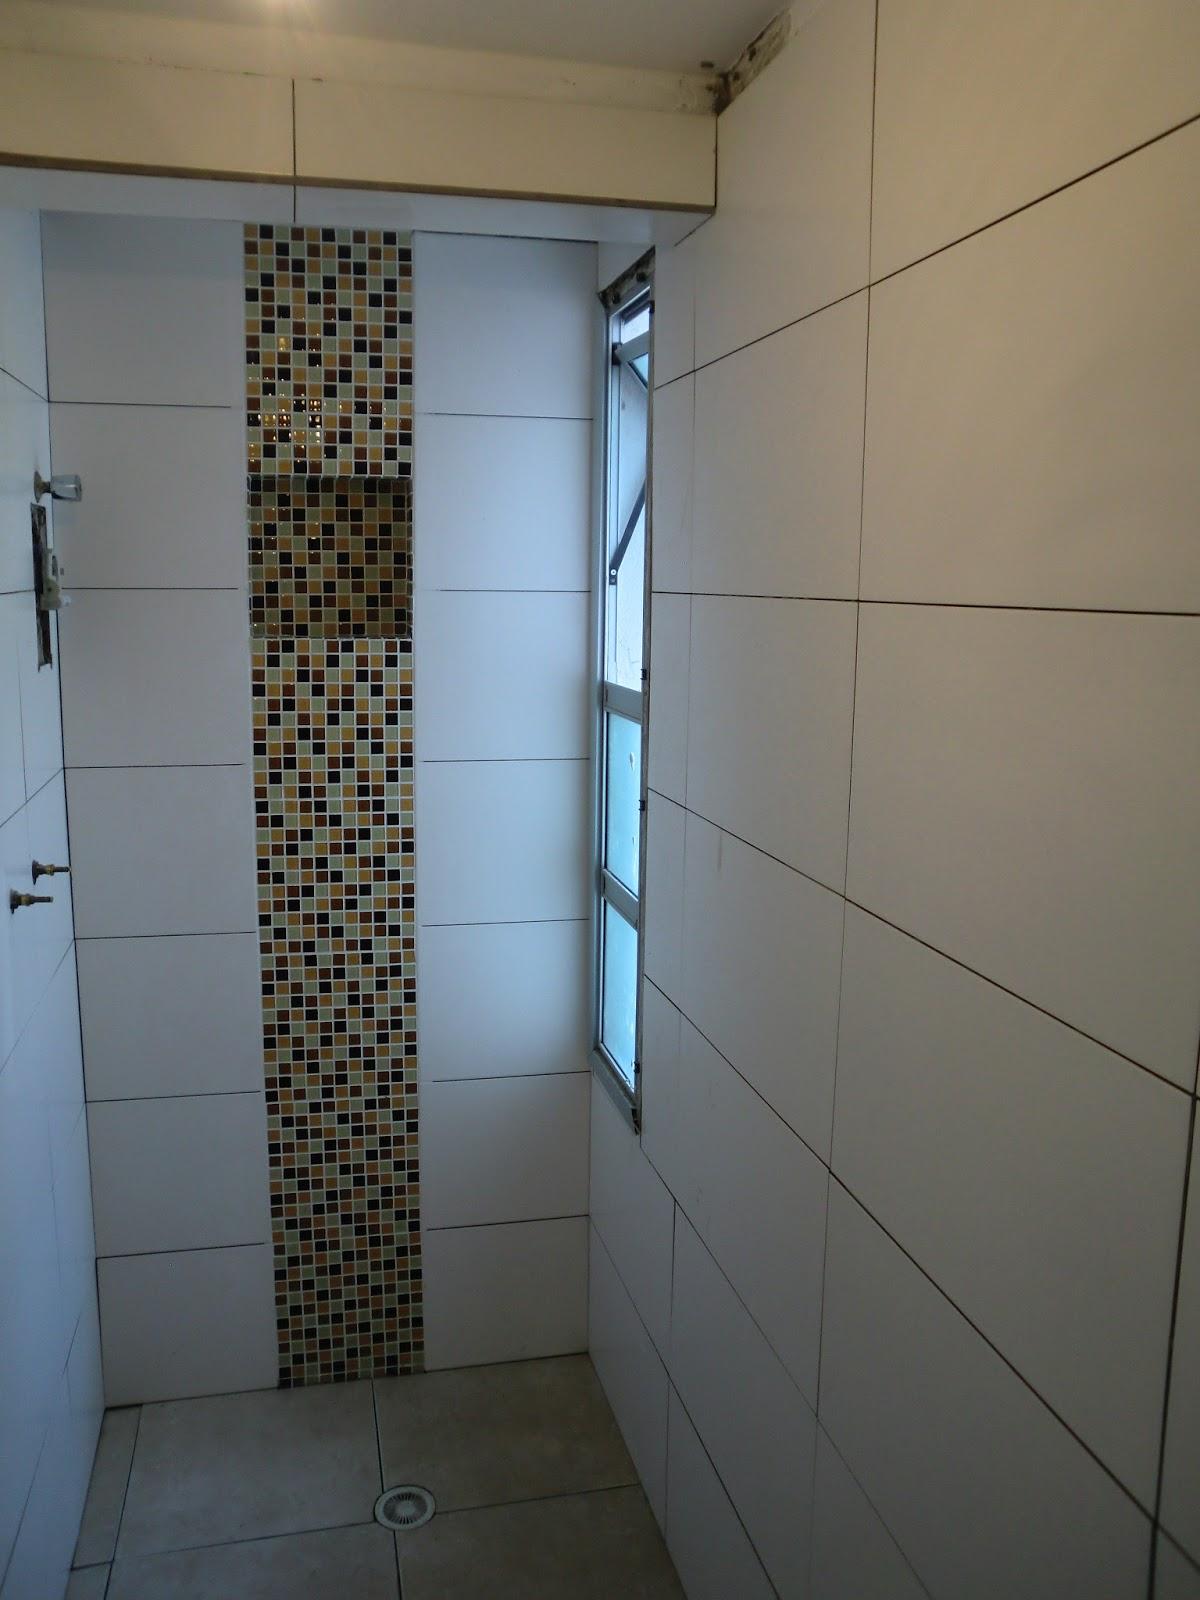 Banheiros Pequenos Reformados Fotos  homefiresafetykitcom banheiros com pas -> Banheiro Reformado Com Pastilha